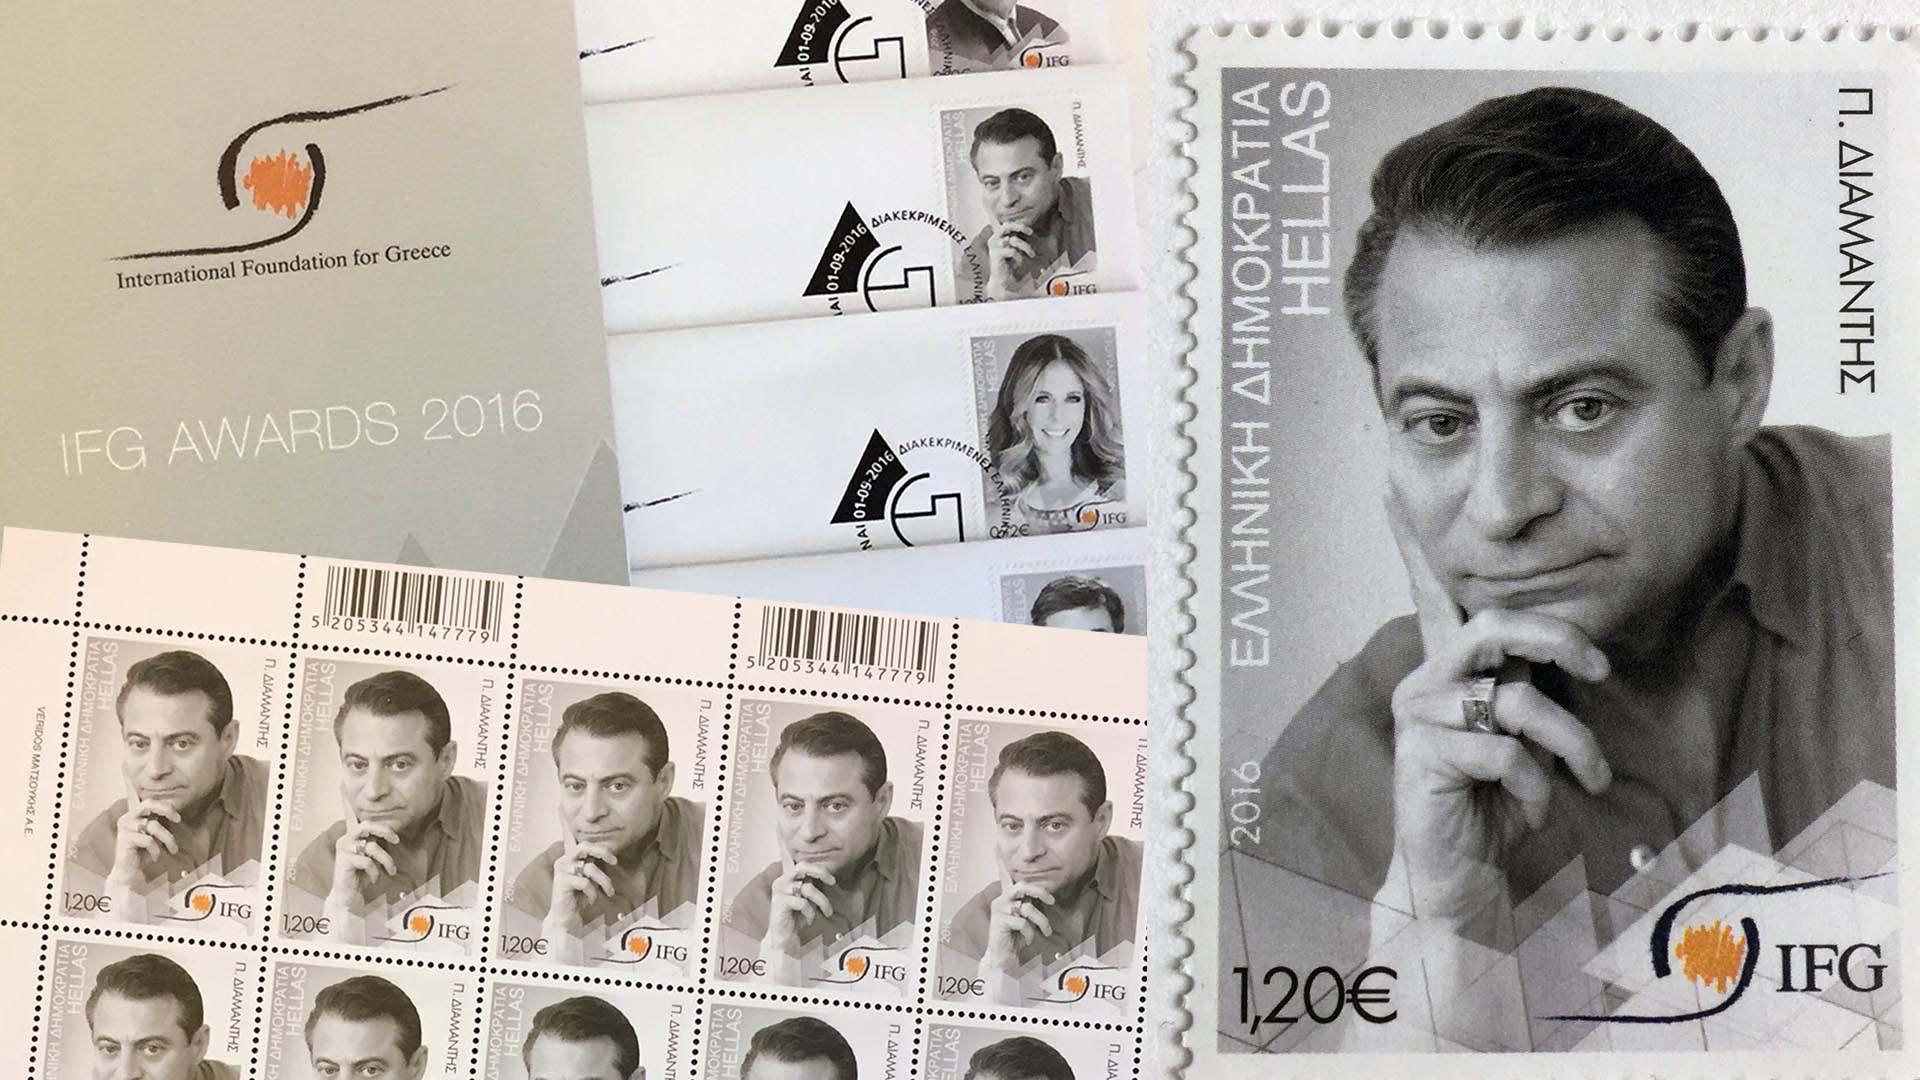 Peter Diamandis Greek Stamp